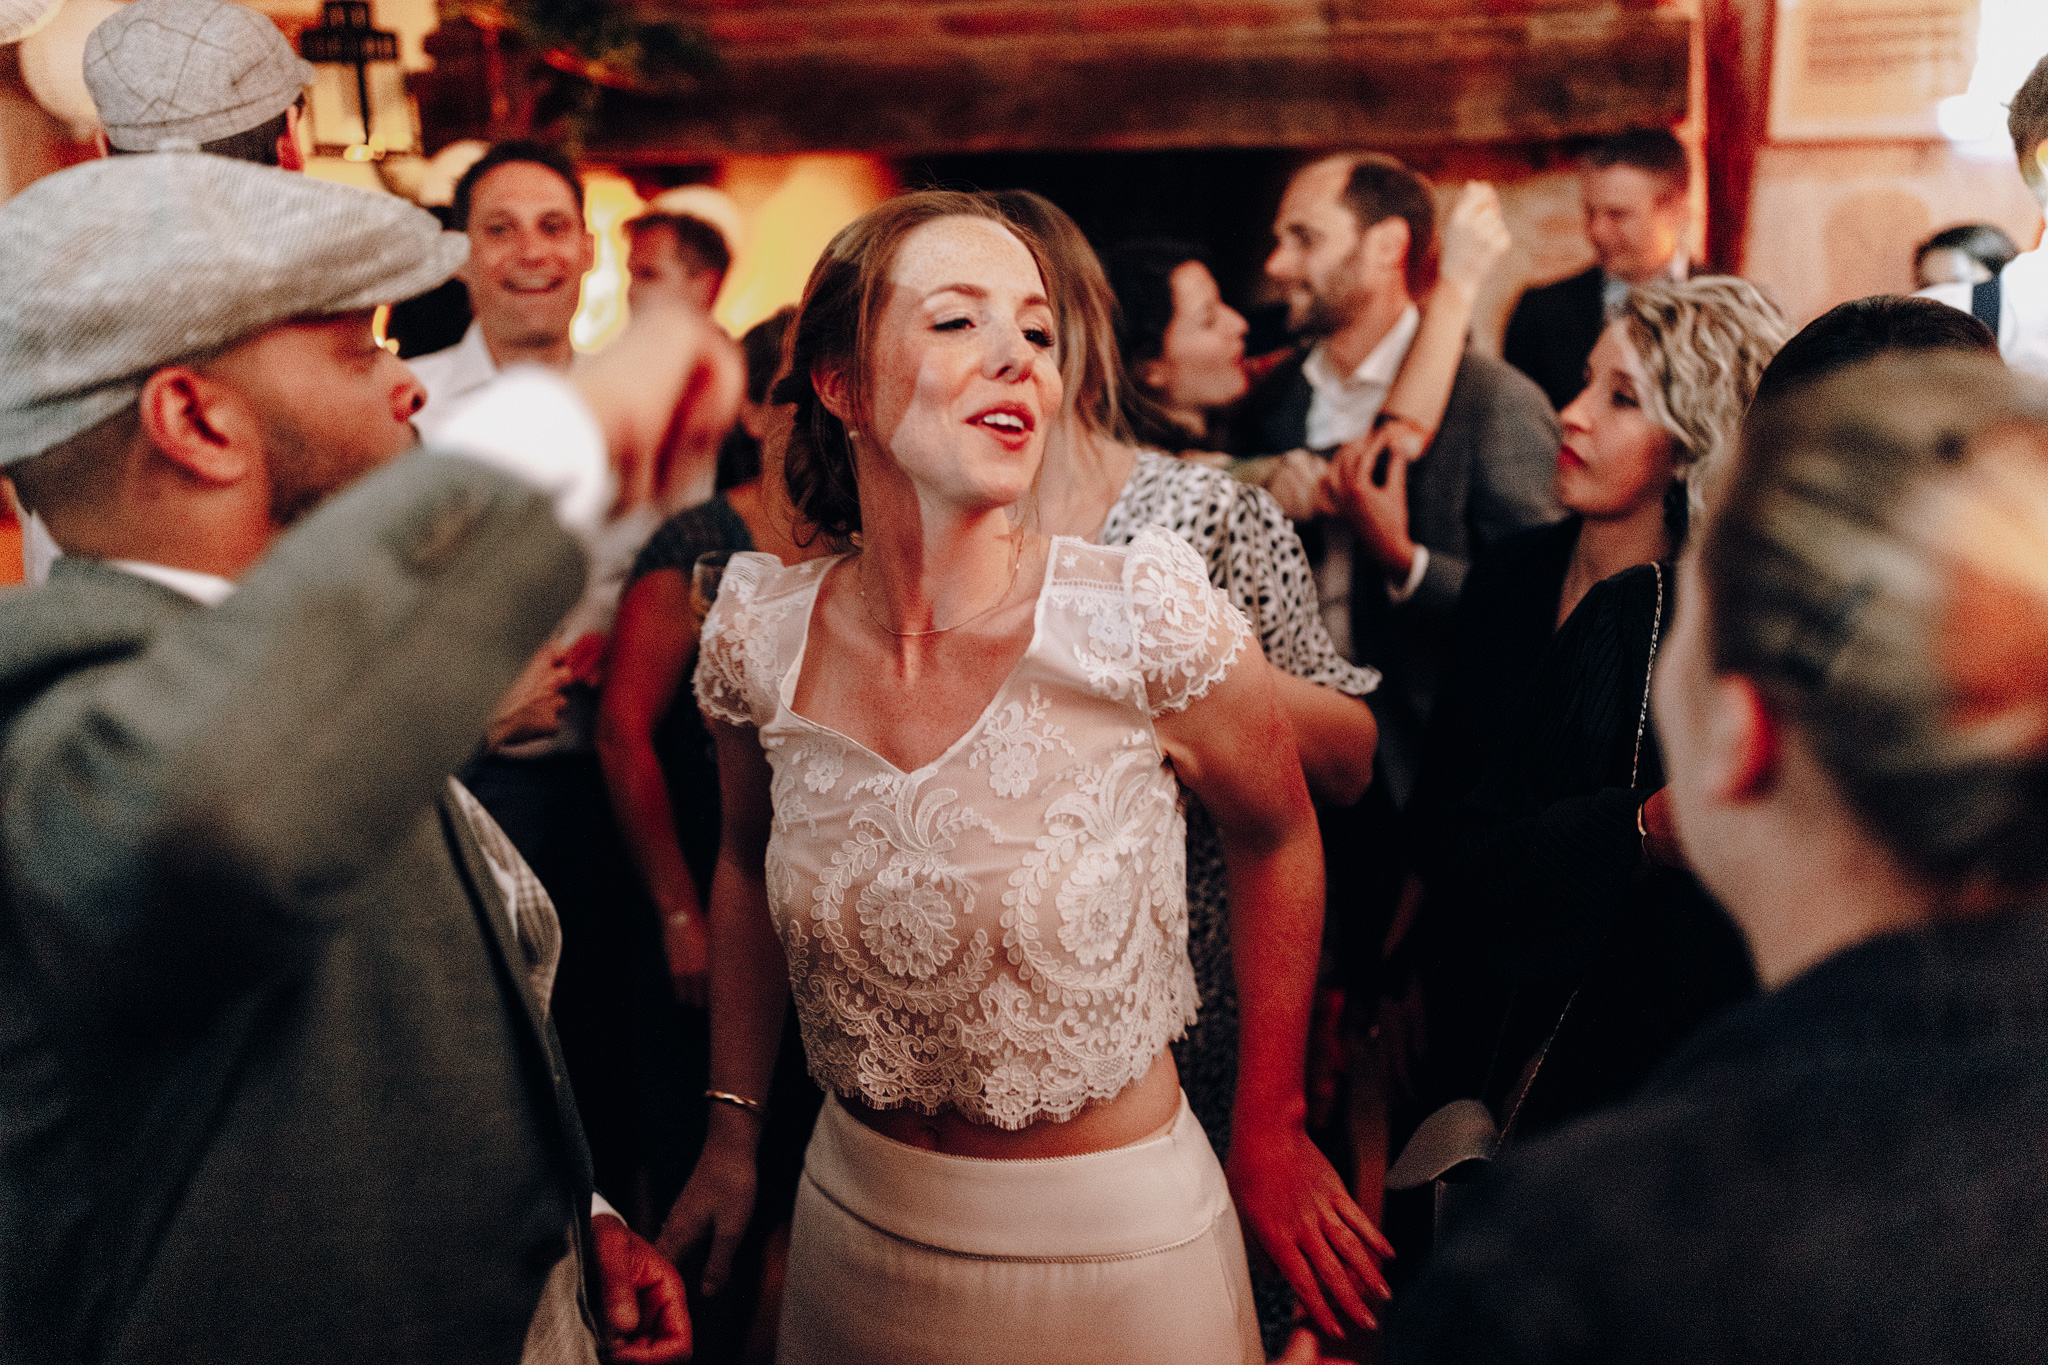 Dansende gasten met bruid tijdens feest bij Kloster Graefenthal